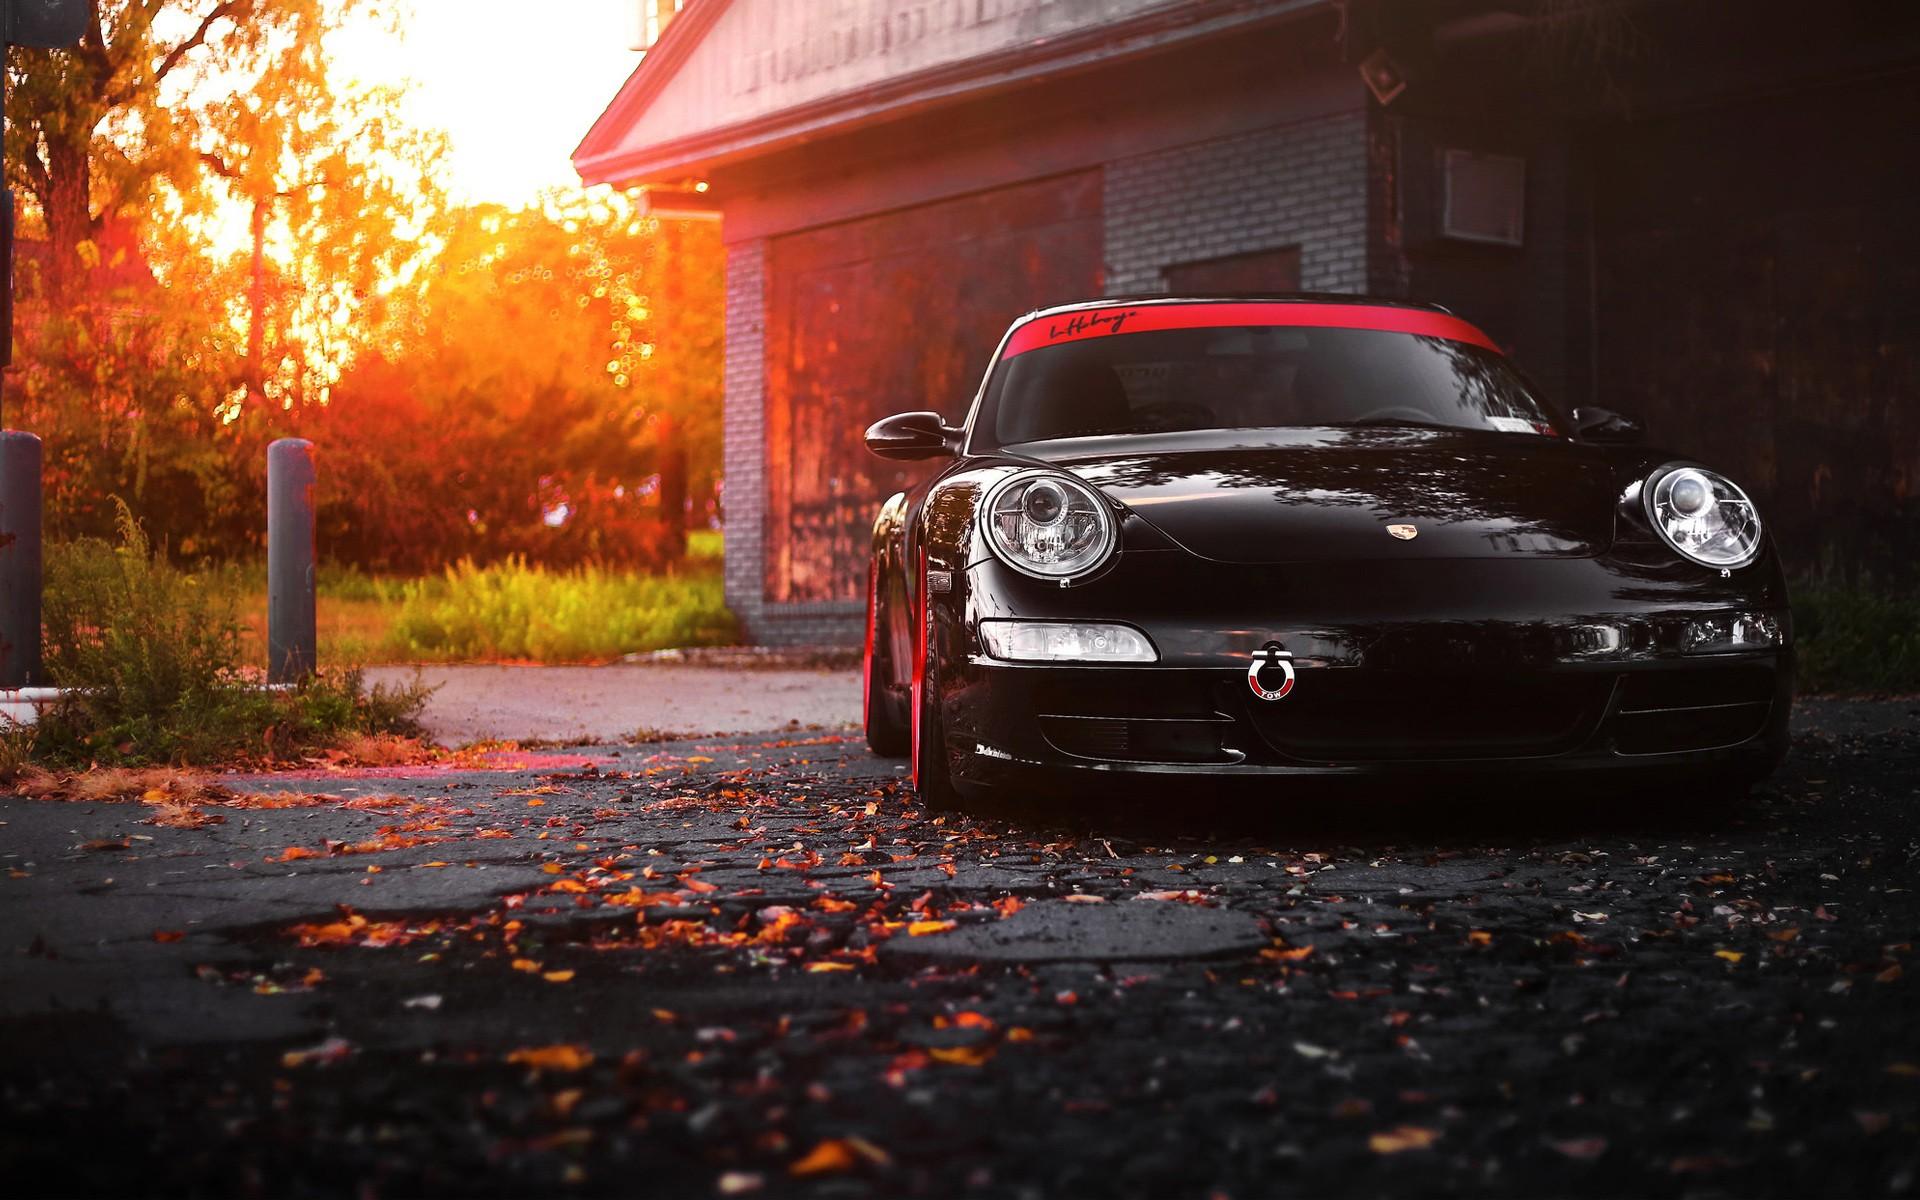 Porsche Boxster Wallpaper Hd Black Porsche 911 Wallpaper Hd Car Wallpapers Id 6022